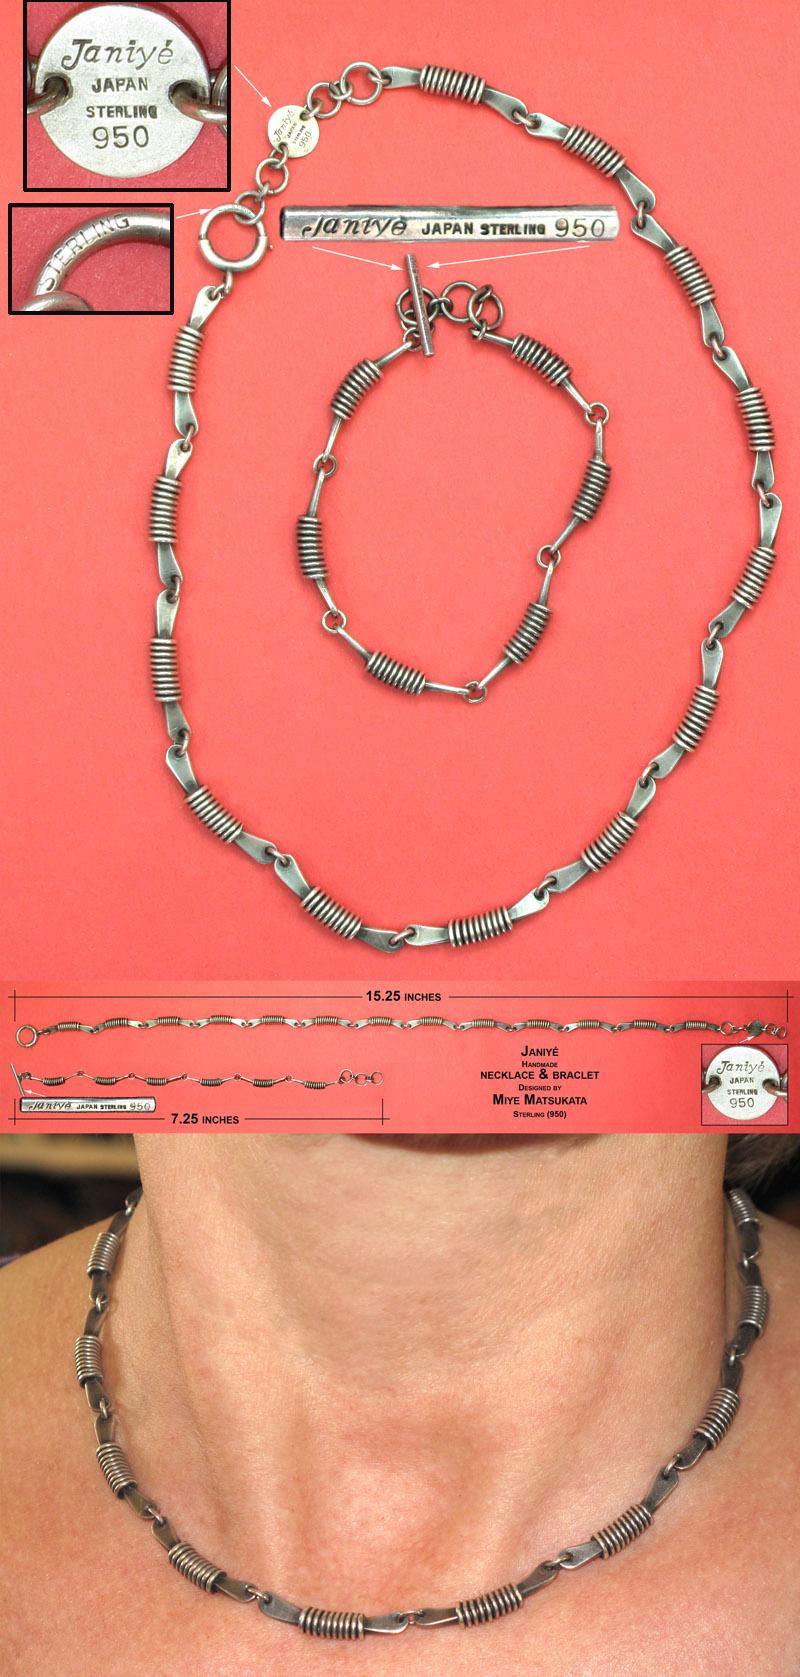 Sterling Janiye bracelet necklace